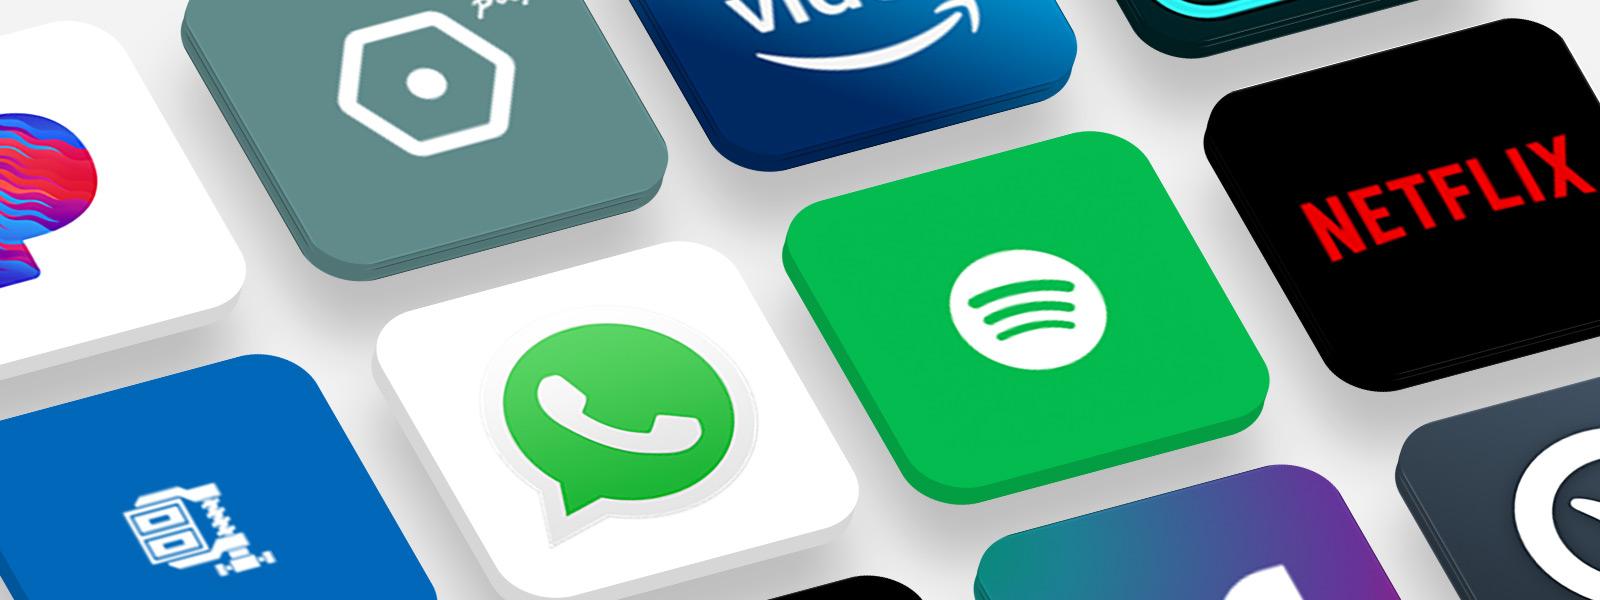 סמלים רבים של אפליקציות פופולריות